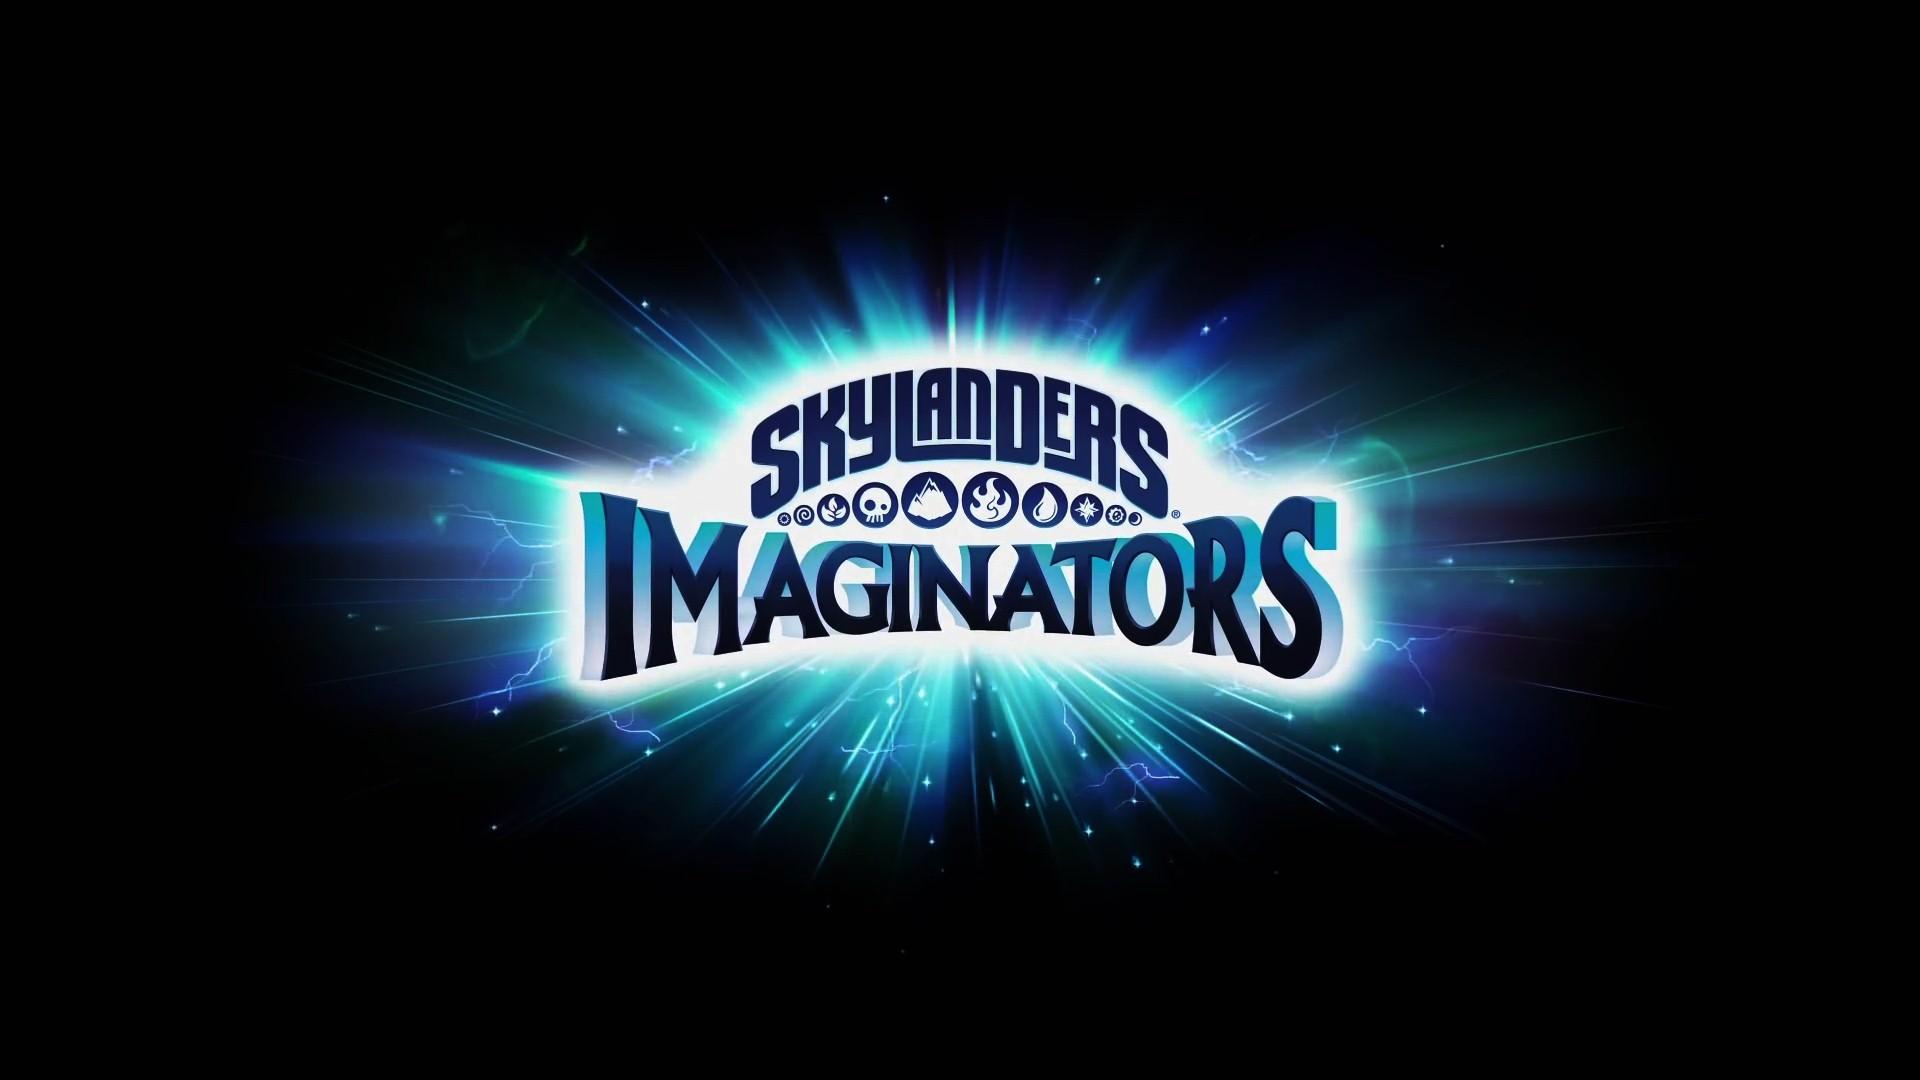 Skylanders Imaginators Logo Wallpaper 01311